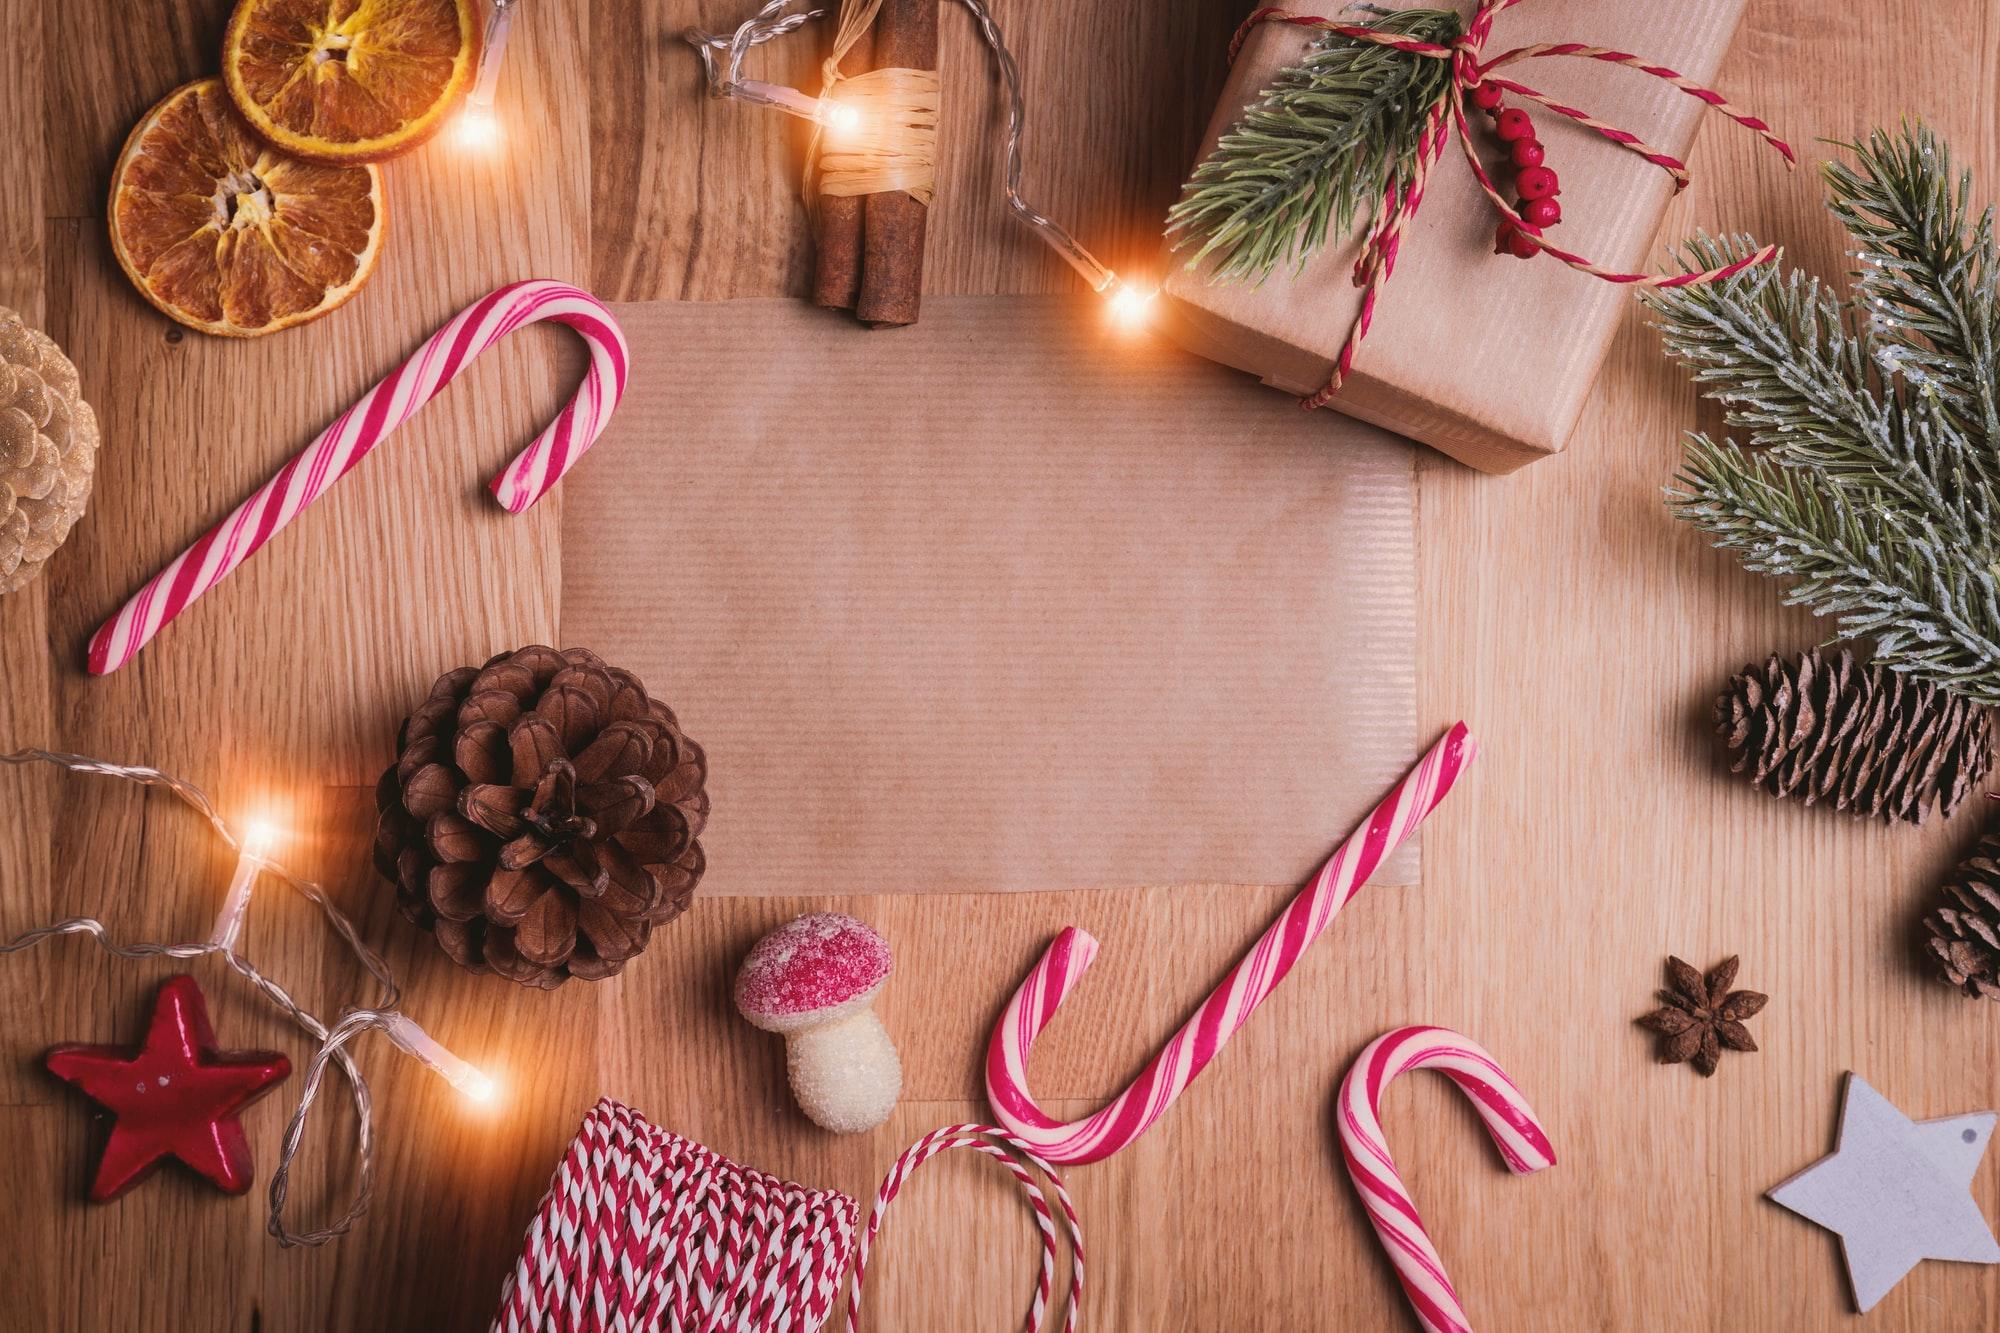 25 decembrie 2020, mare sărbătoare. Tradiții și obiceiuri de Crăciun